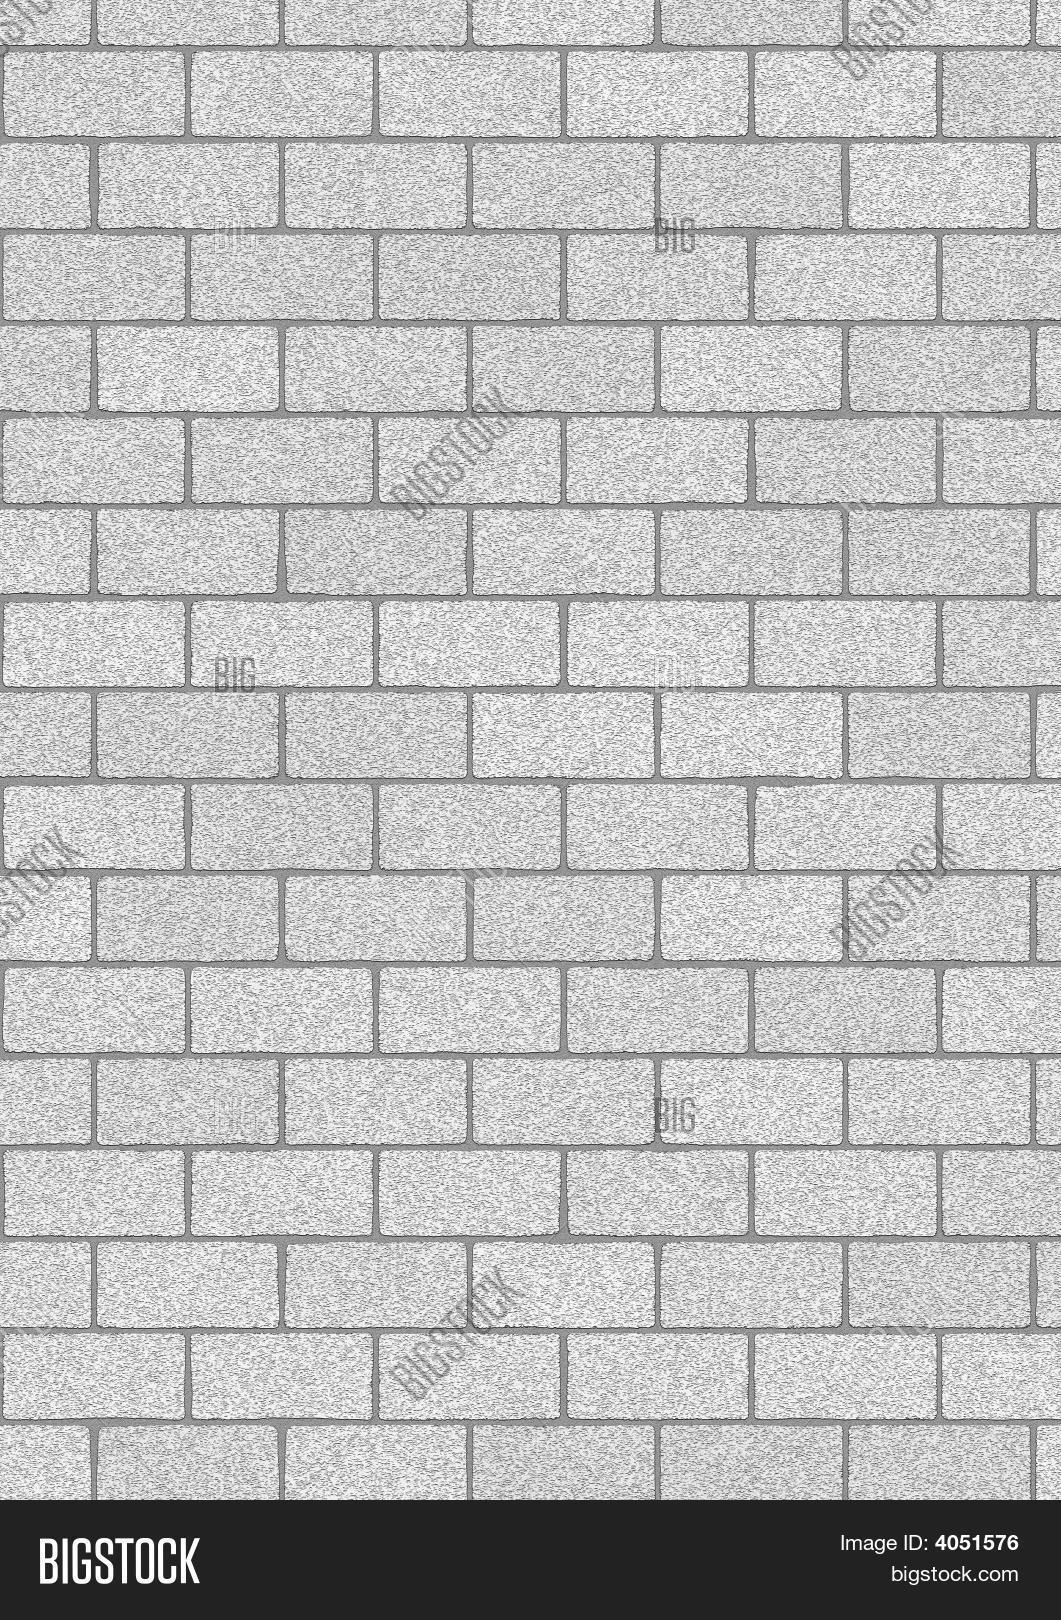 Grey Bricks Background Image Photo